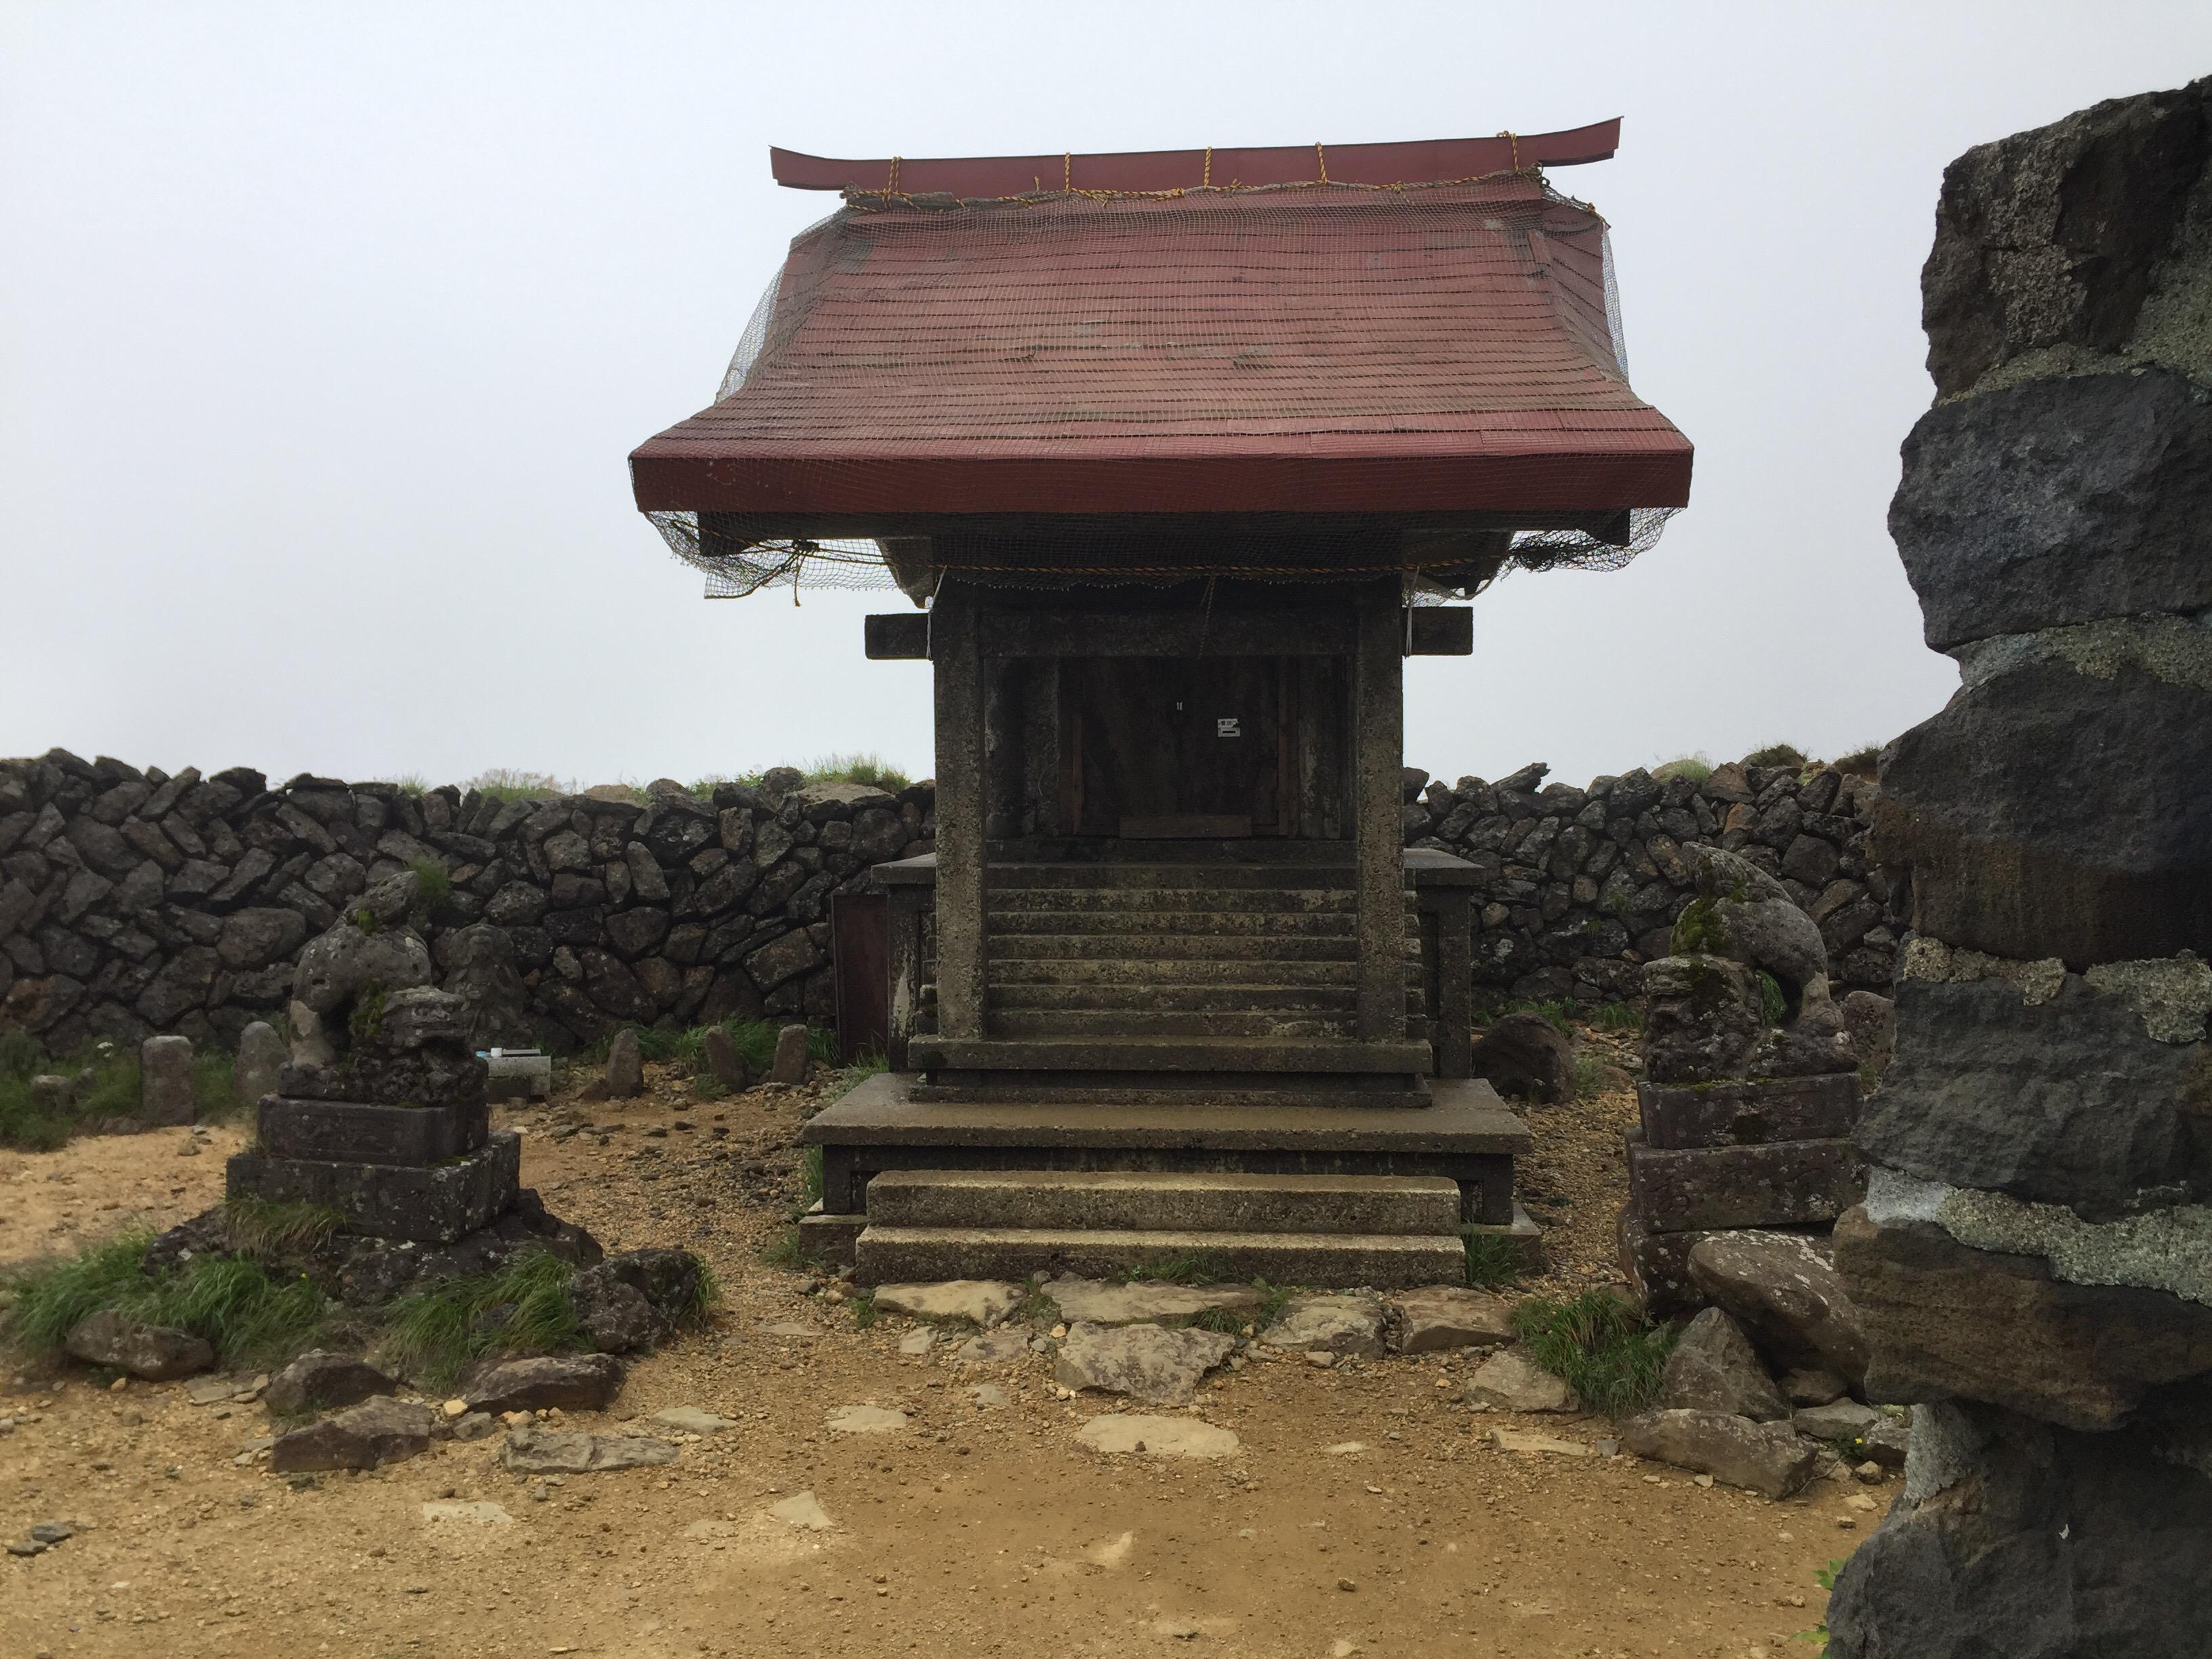 蔵王 熊野岳 日本百名山 山形百名山 熊野神社